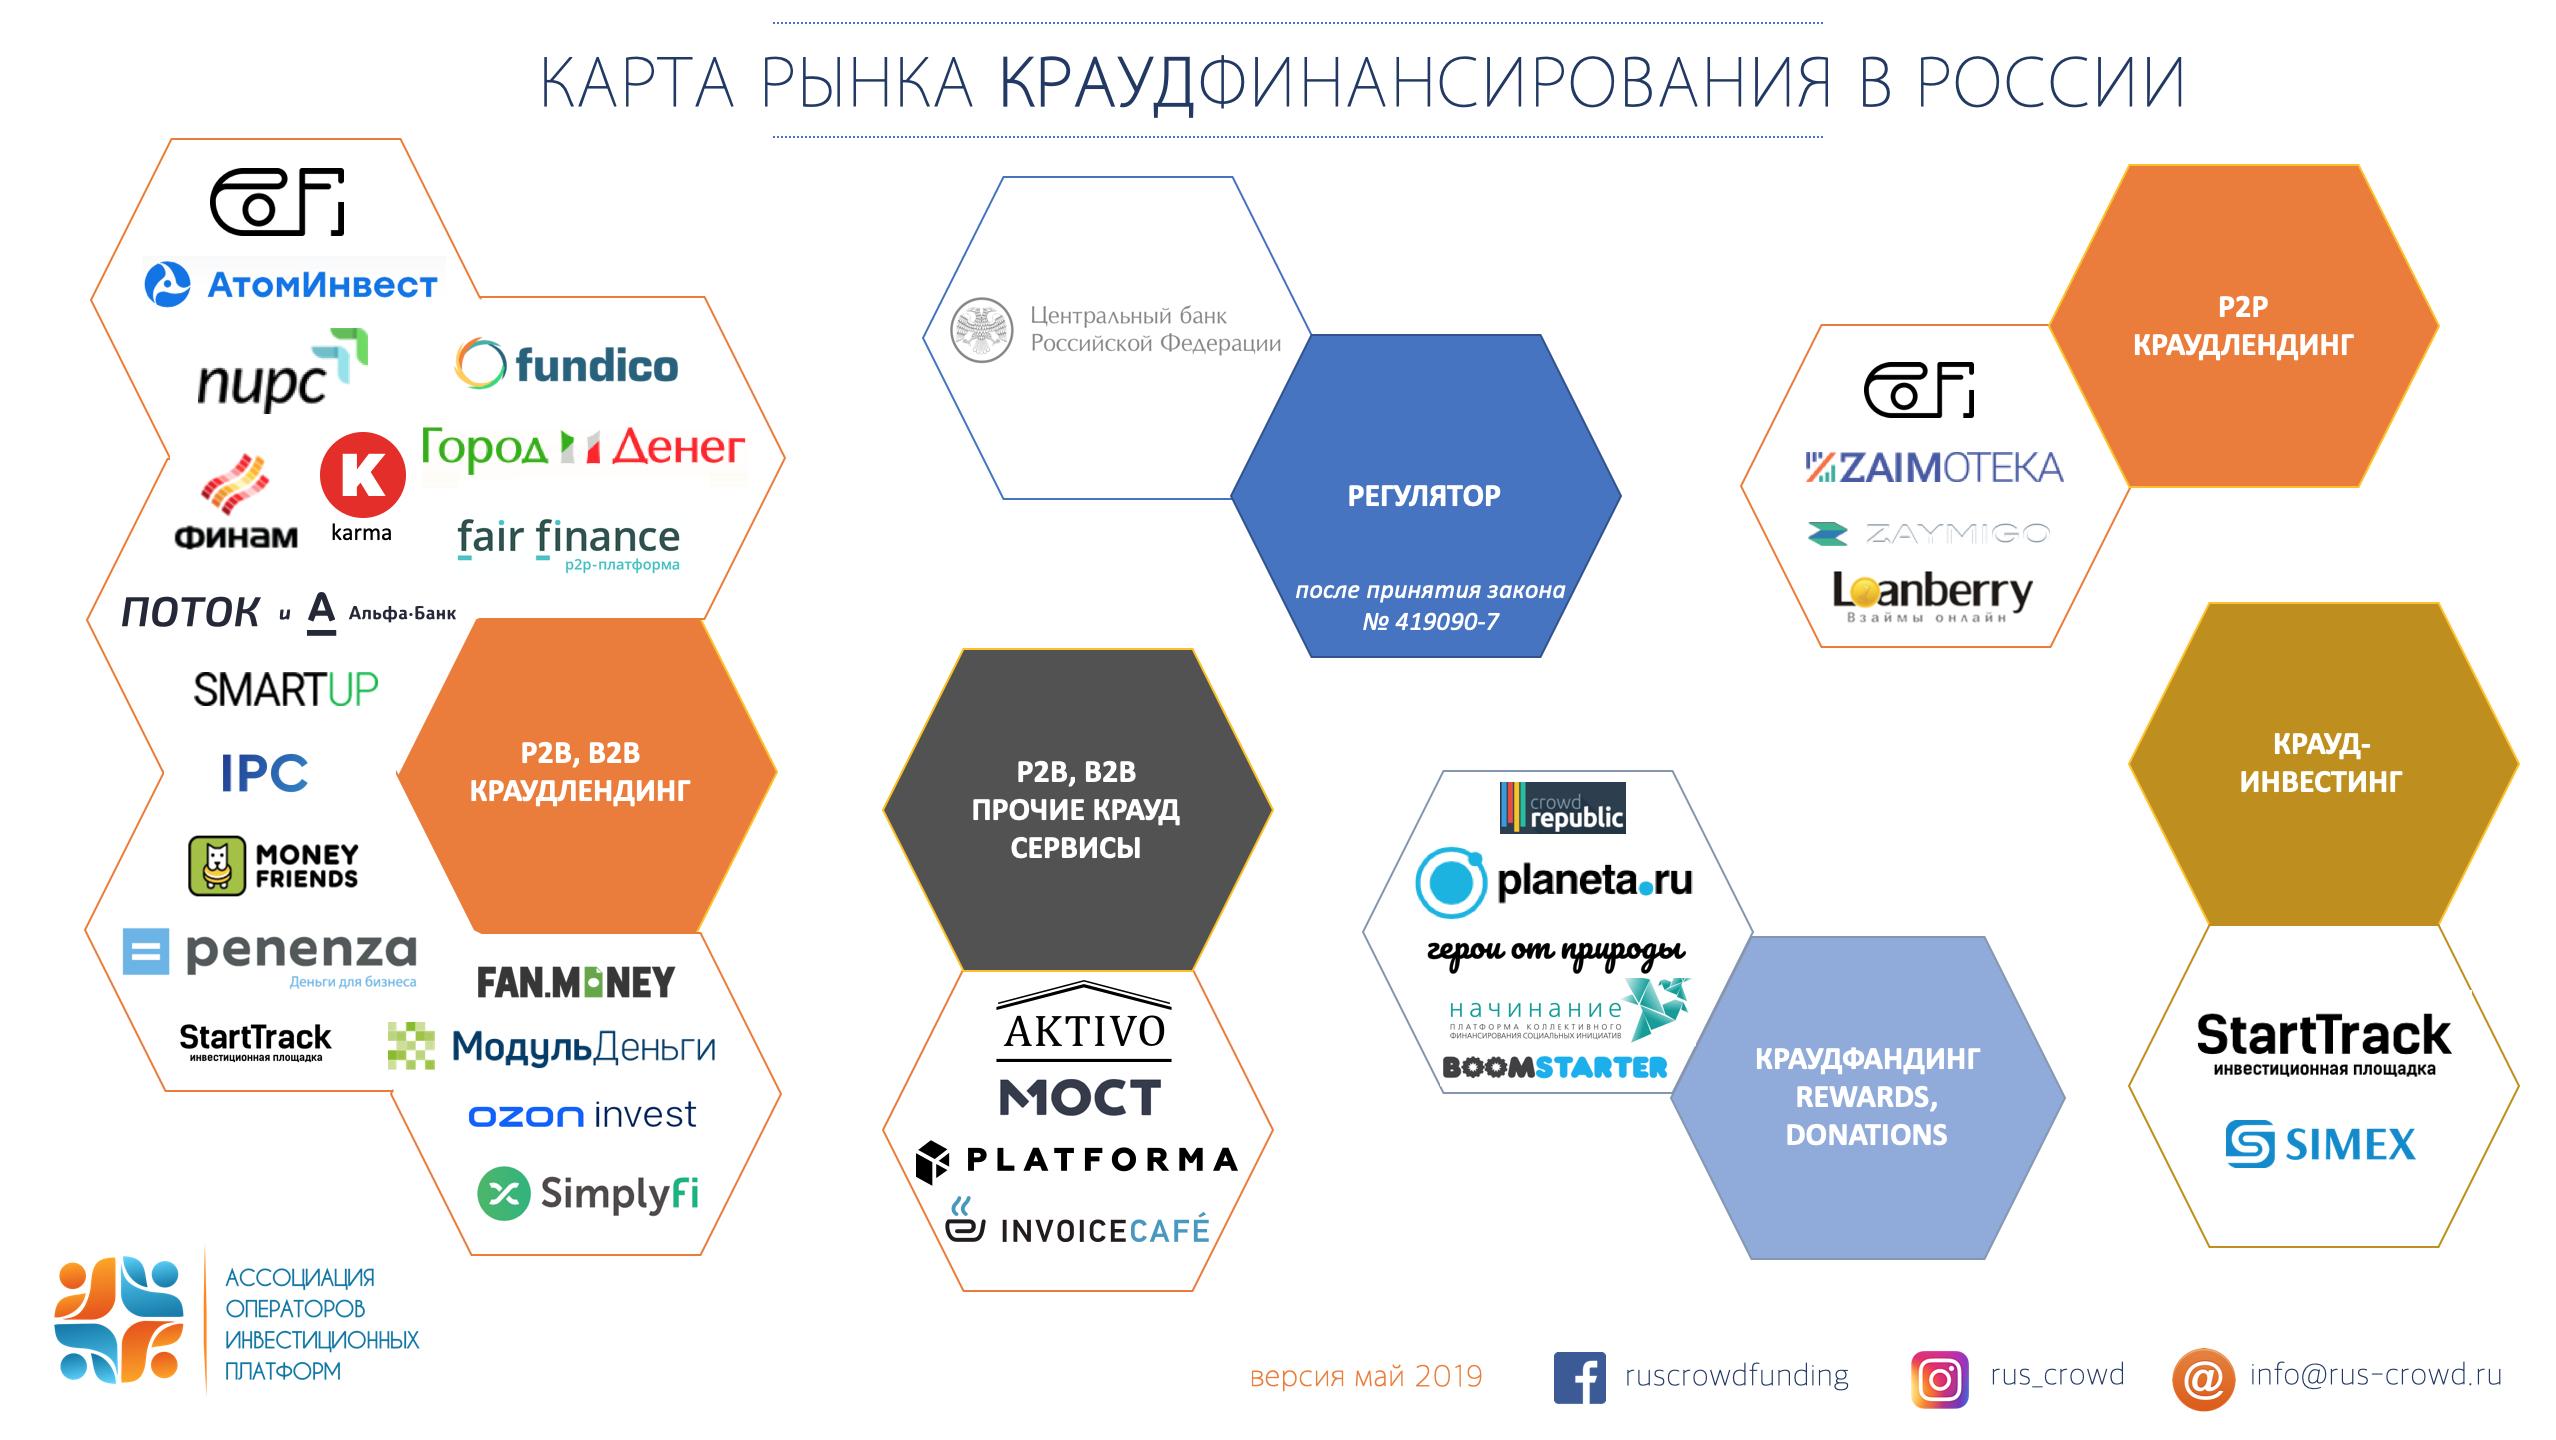 Ассоциация операторов инвестиционных платформ представляет обновленную «карту рынка краудфинансирования в России»